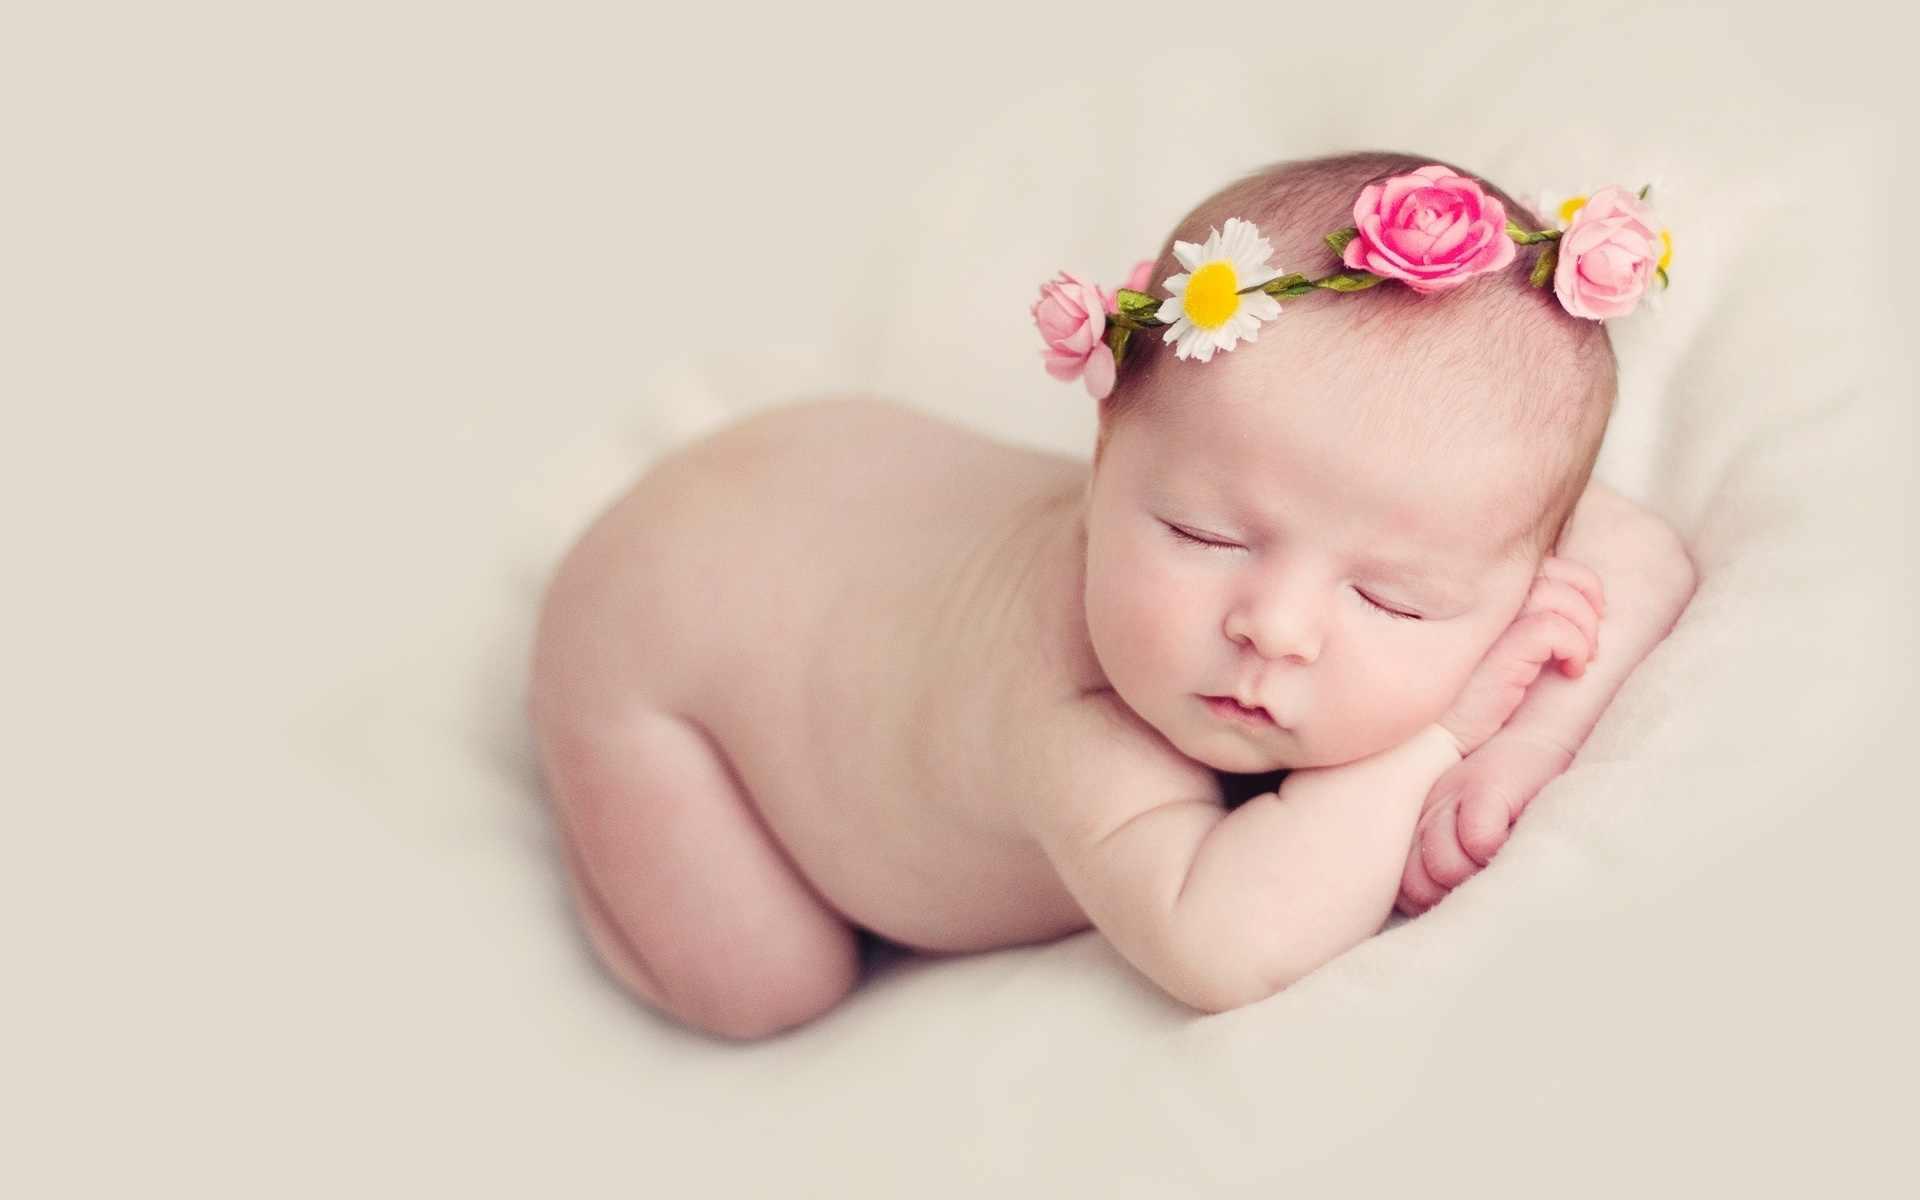 بالصور اجمل الصور اطفال في العالم , اجمل الاطفال في العالم كله 5900